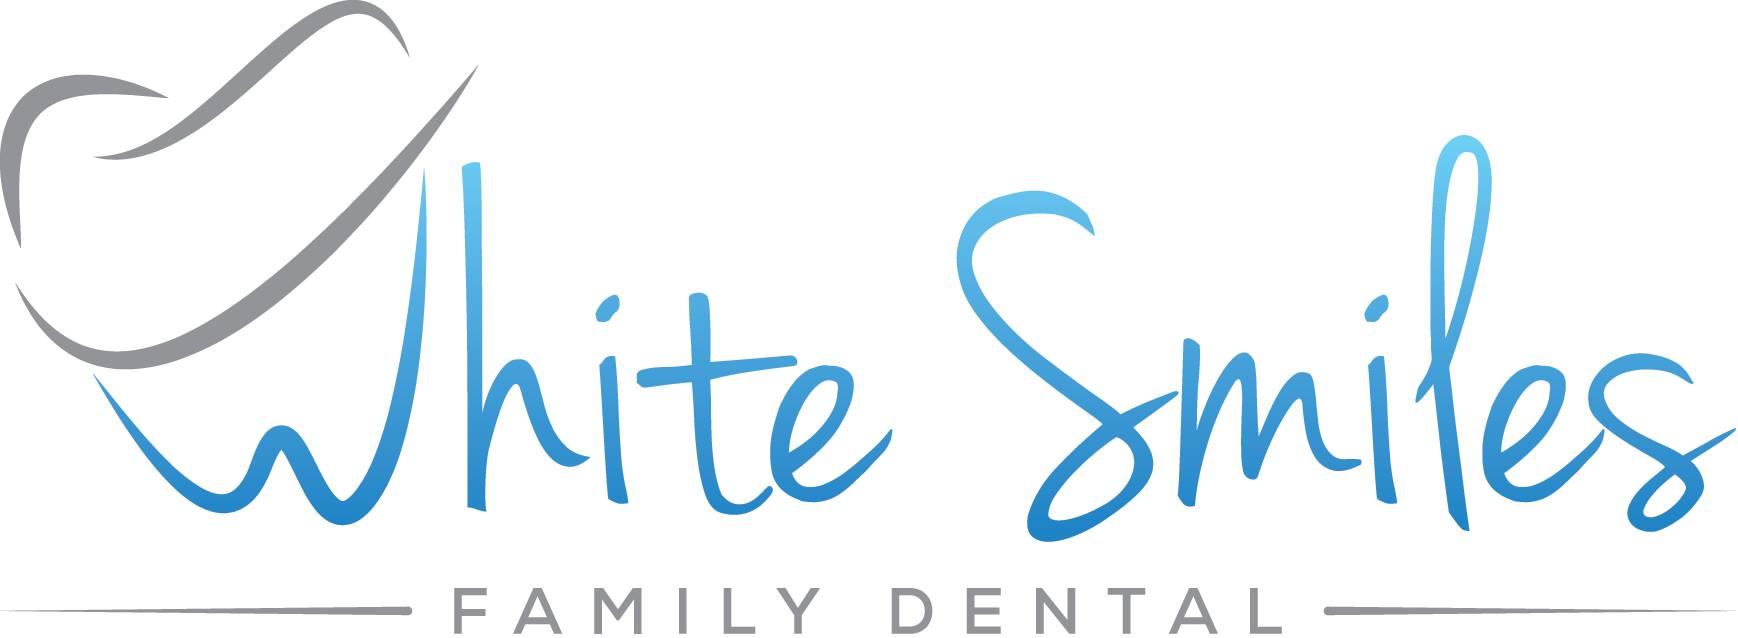 White Smiles Family Dental